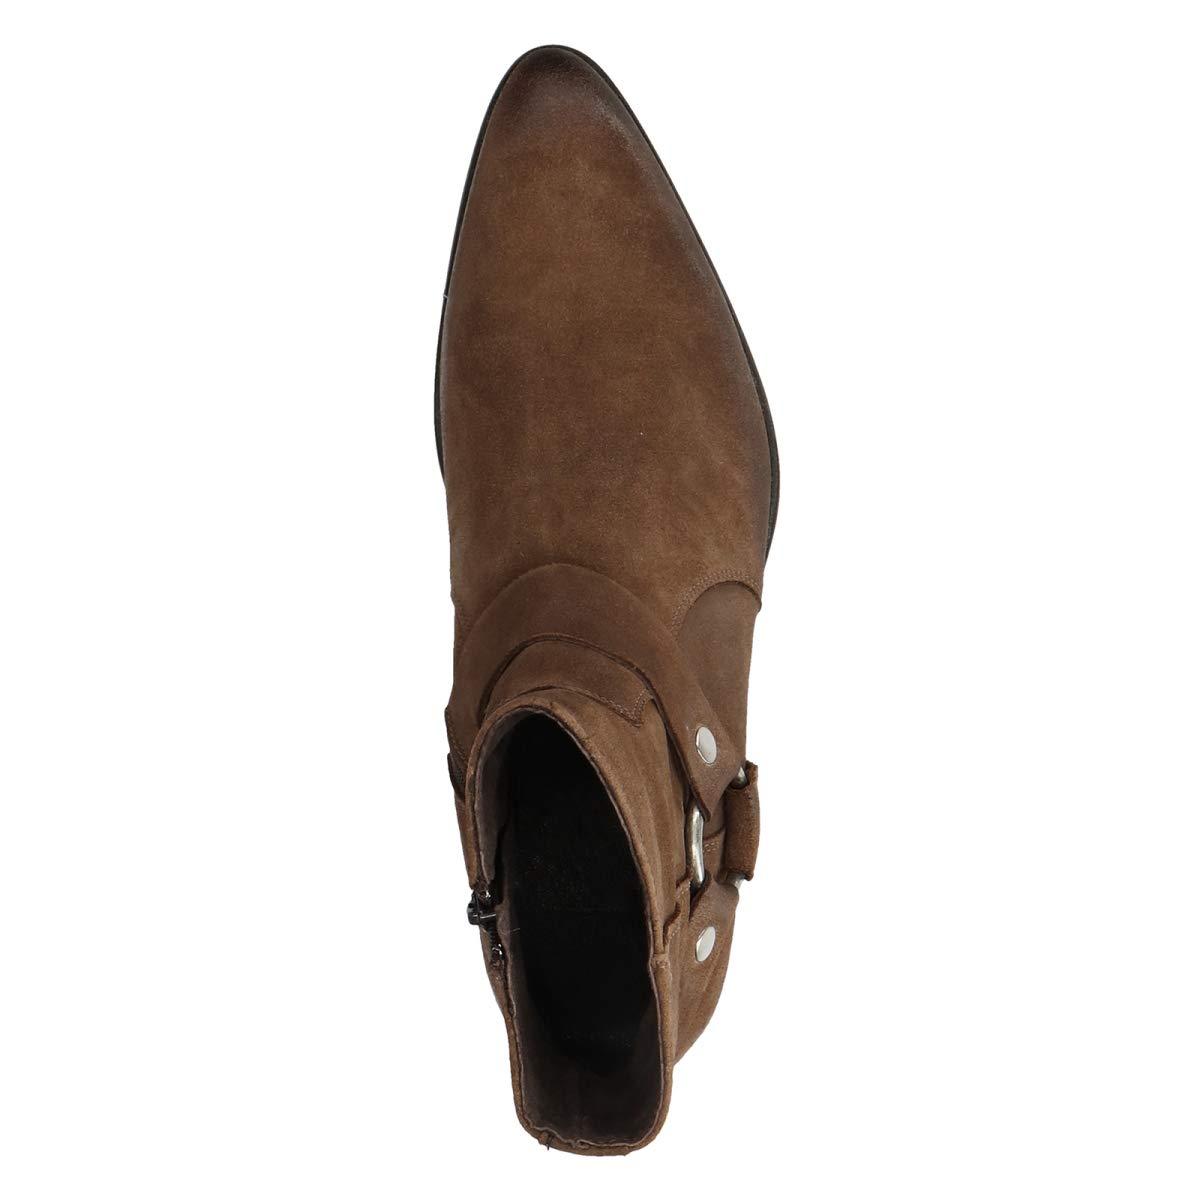 Sacha Schuhe   Herren Kurze Leder Stiefel   Leder Kurze   Farbe  Schwarz c5a234